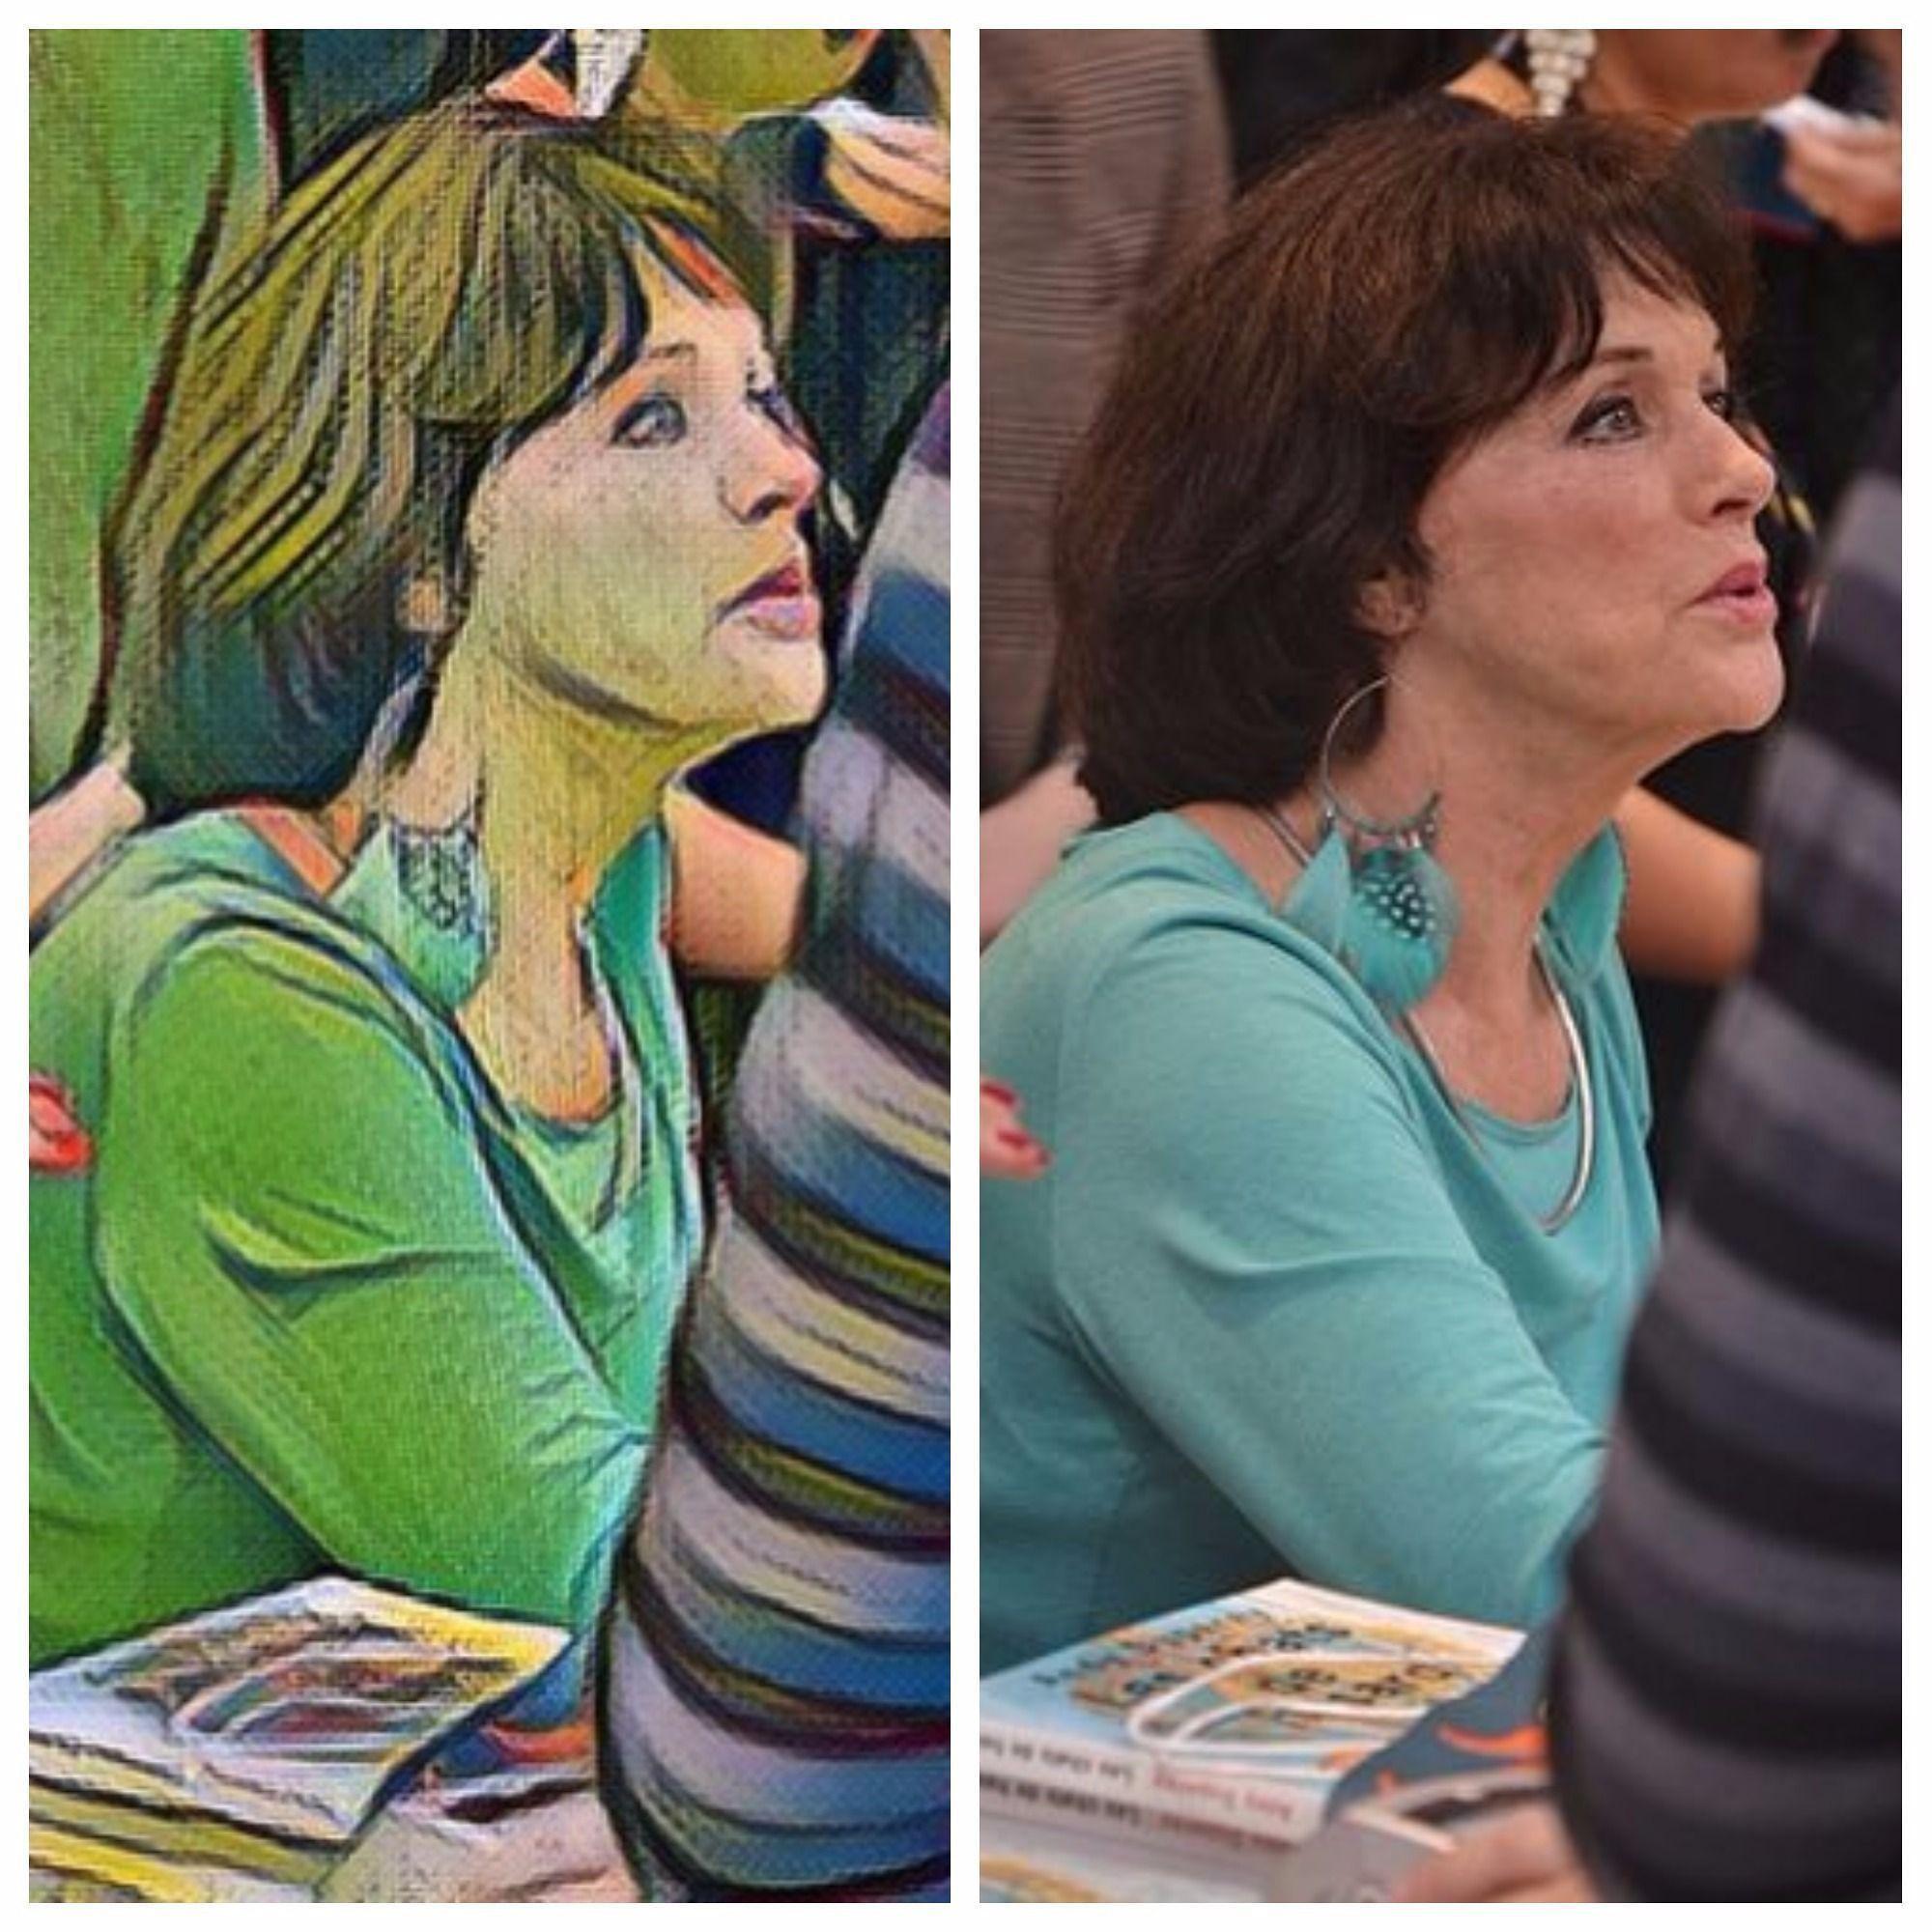 Anny Ginette Lucienne Legras dite Anny Duperey née le 28 juin 1947 à Rouen est une actrice française. Elle est également romancière.  #FLE #AFMX #AllianceFrançaise #français #ParlezFrançais #languefrançaise #apprendrelefrançais #hablafrances #speakfrench #parlerfrançais #französichlernen #ProfYortch #photooftheday #AlianzaFrancesa #AlianzaFrancesaMexico #learnfrench #aliançafrancesa #aliancafrancesa #célébrité #personnalité #AnnyDuperey #cinéma #littérature #Fotor #collage #EarlyAutumn…